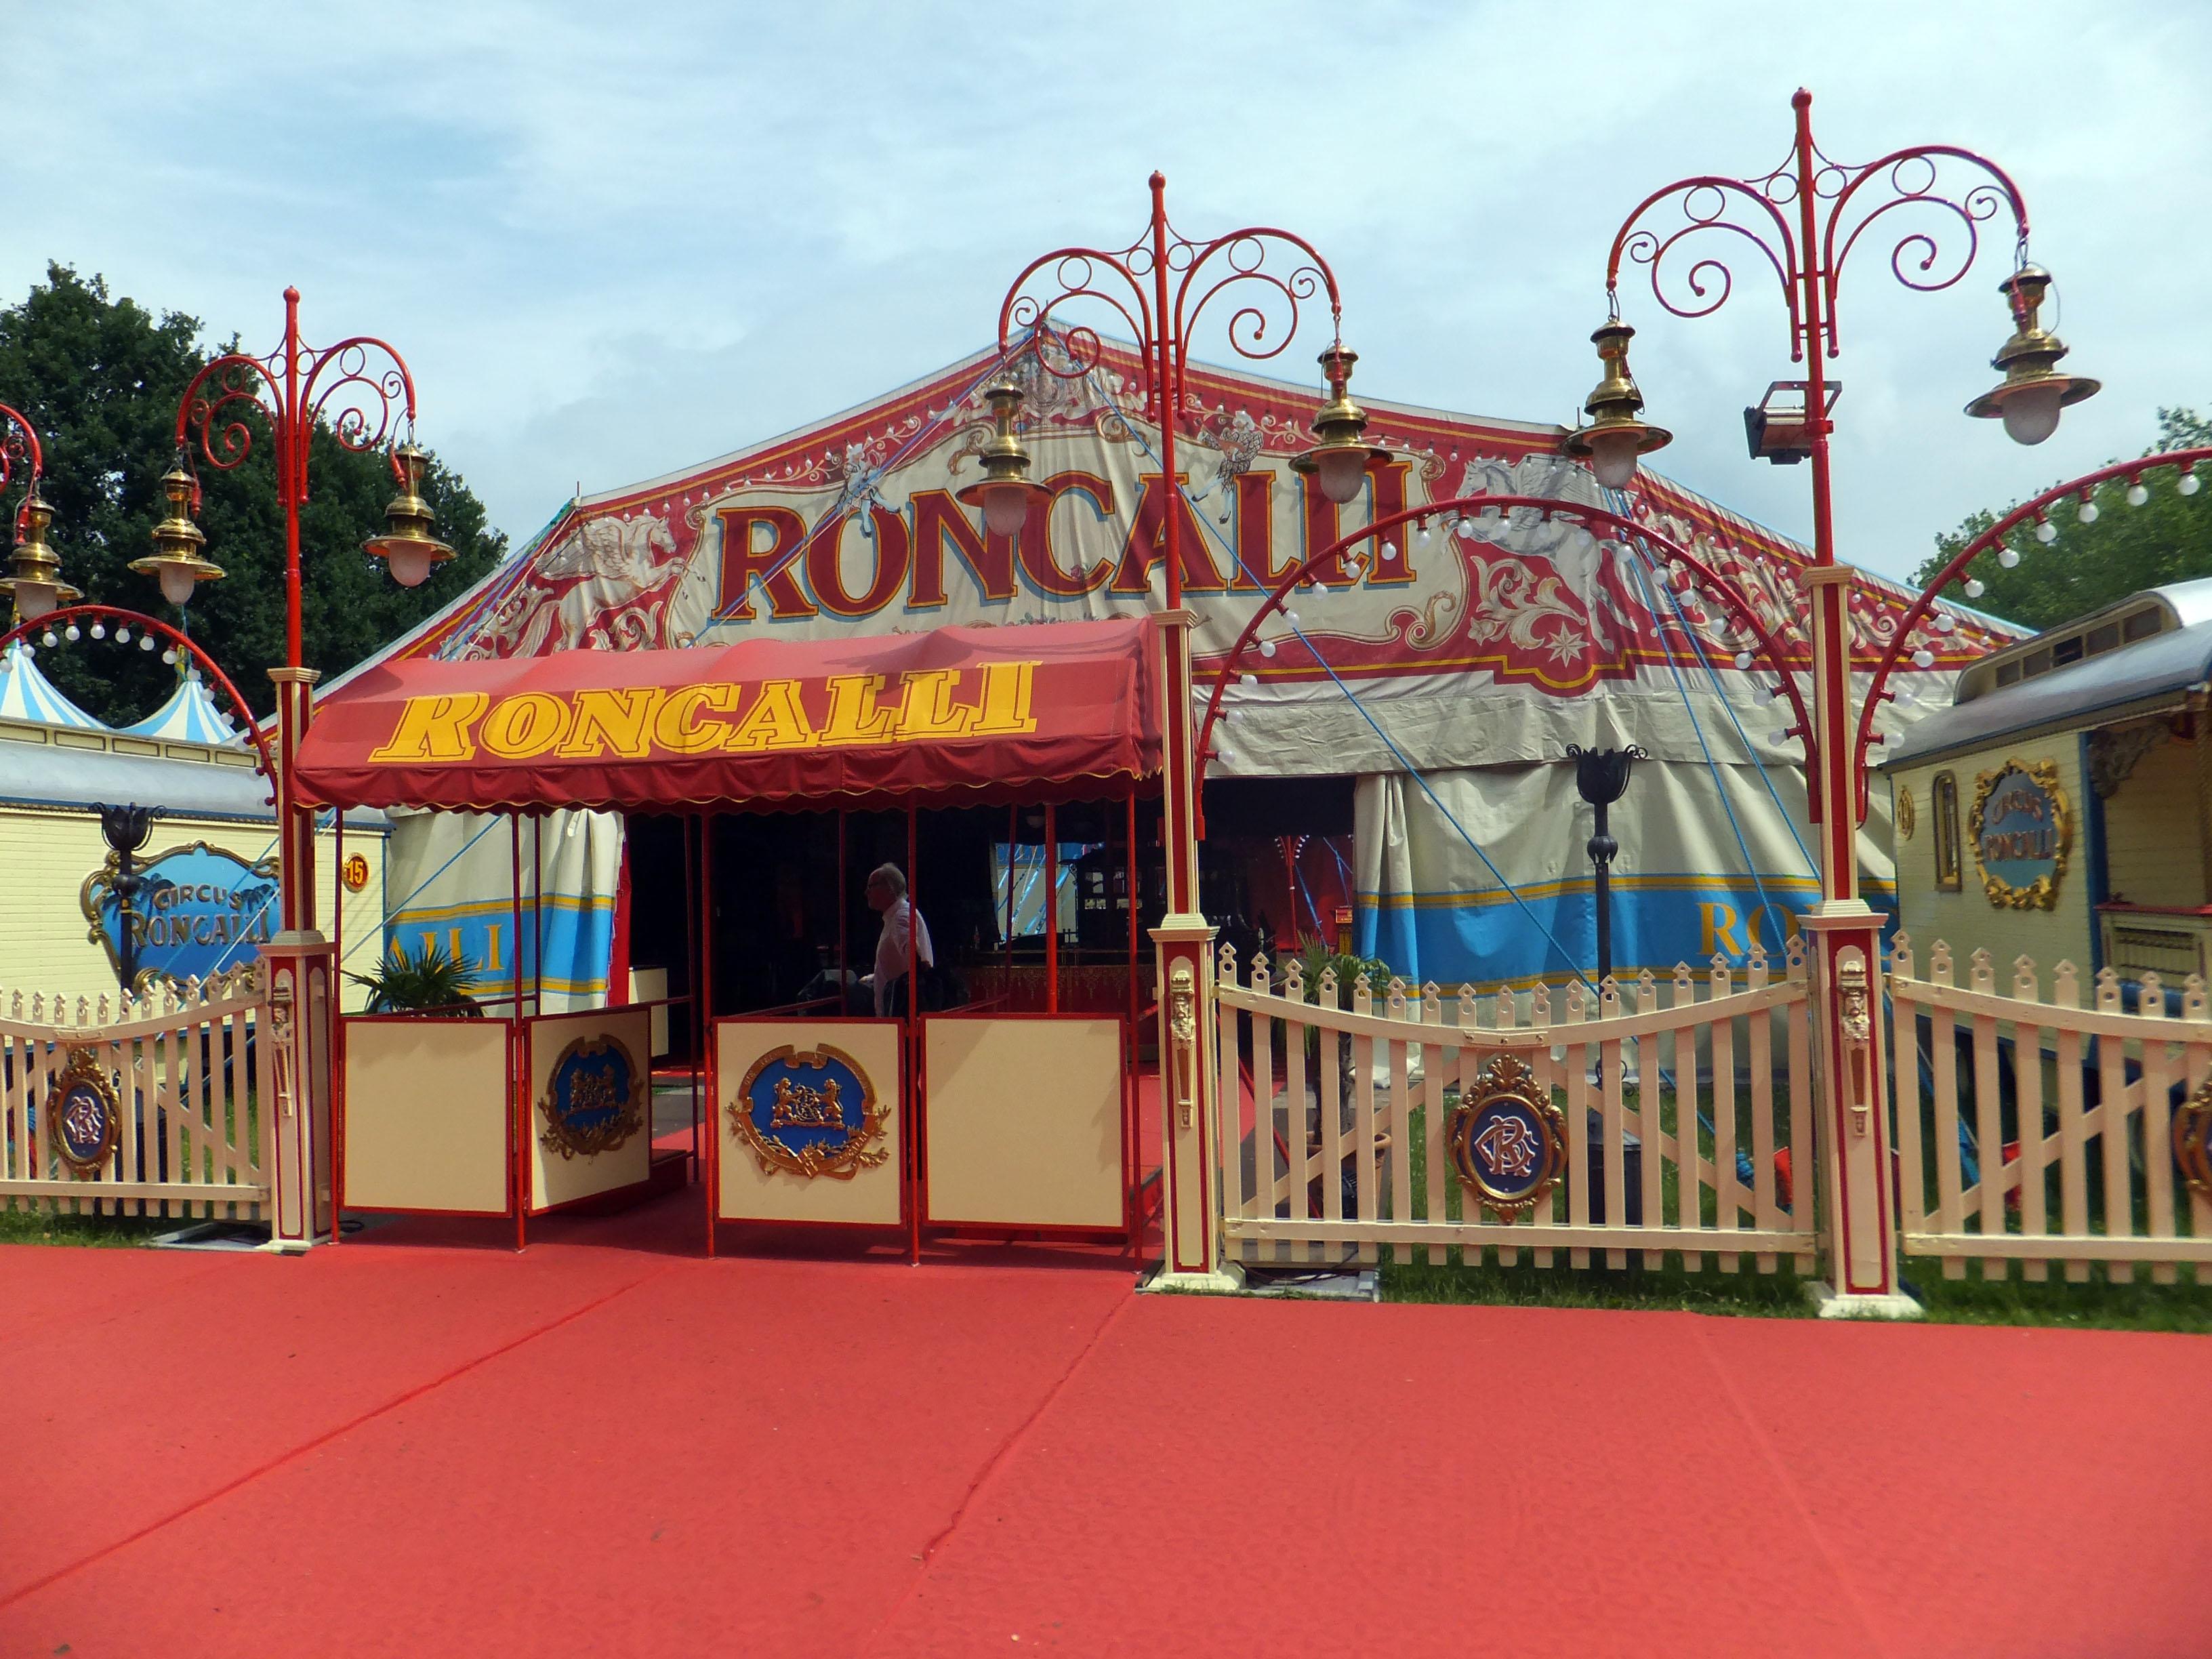 Hufschmiedeeinsatz beim Zirkus Roncalli